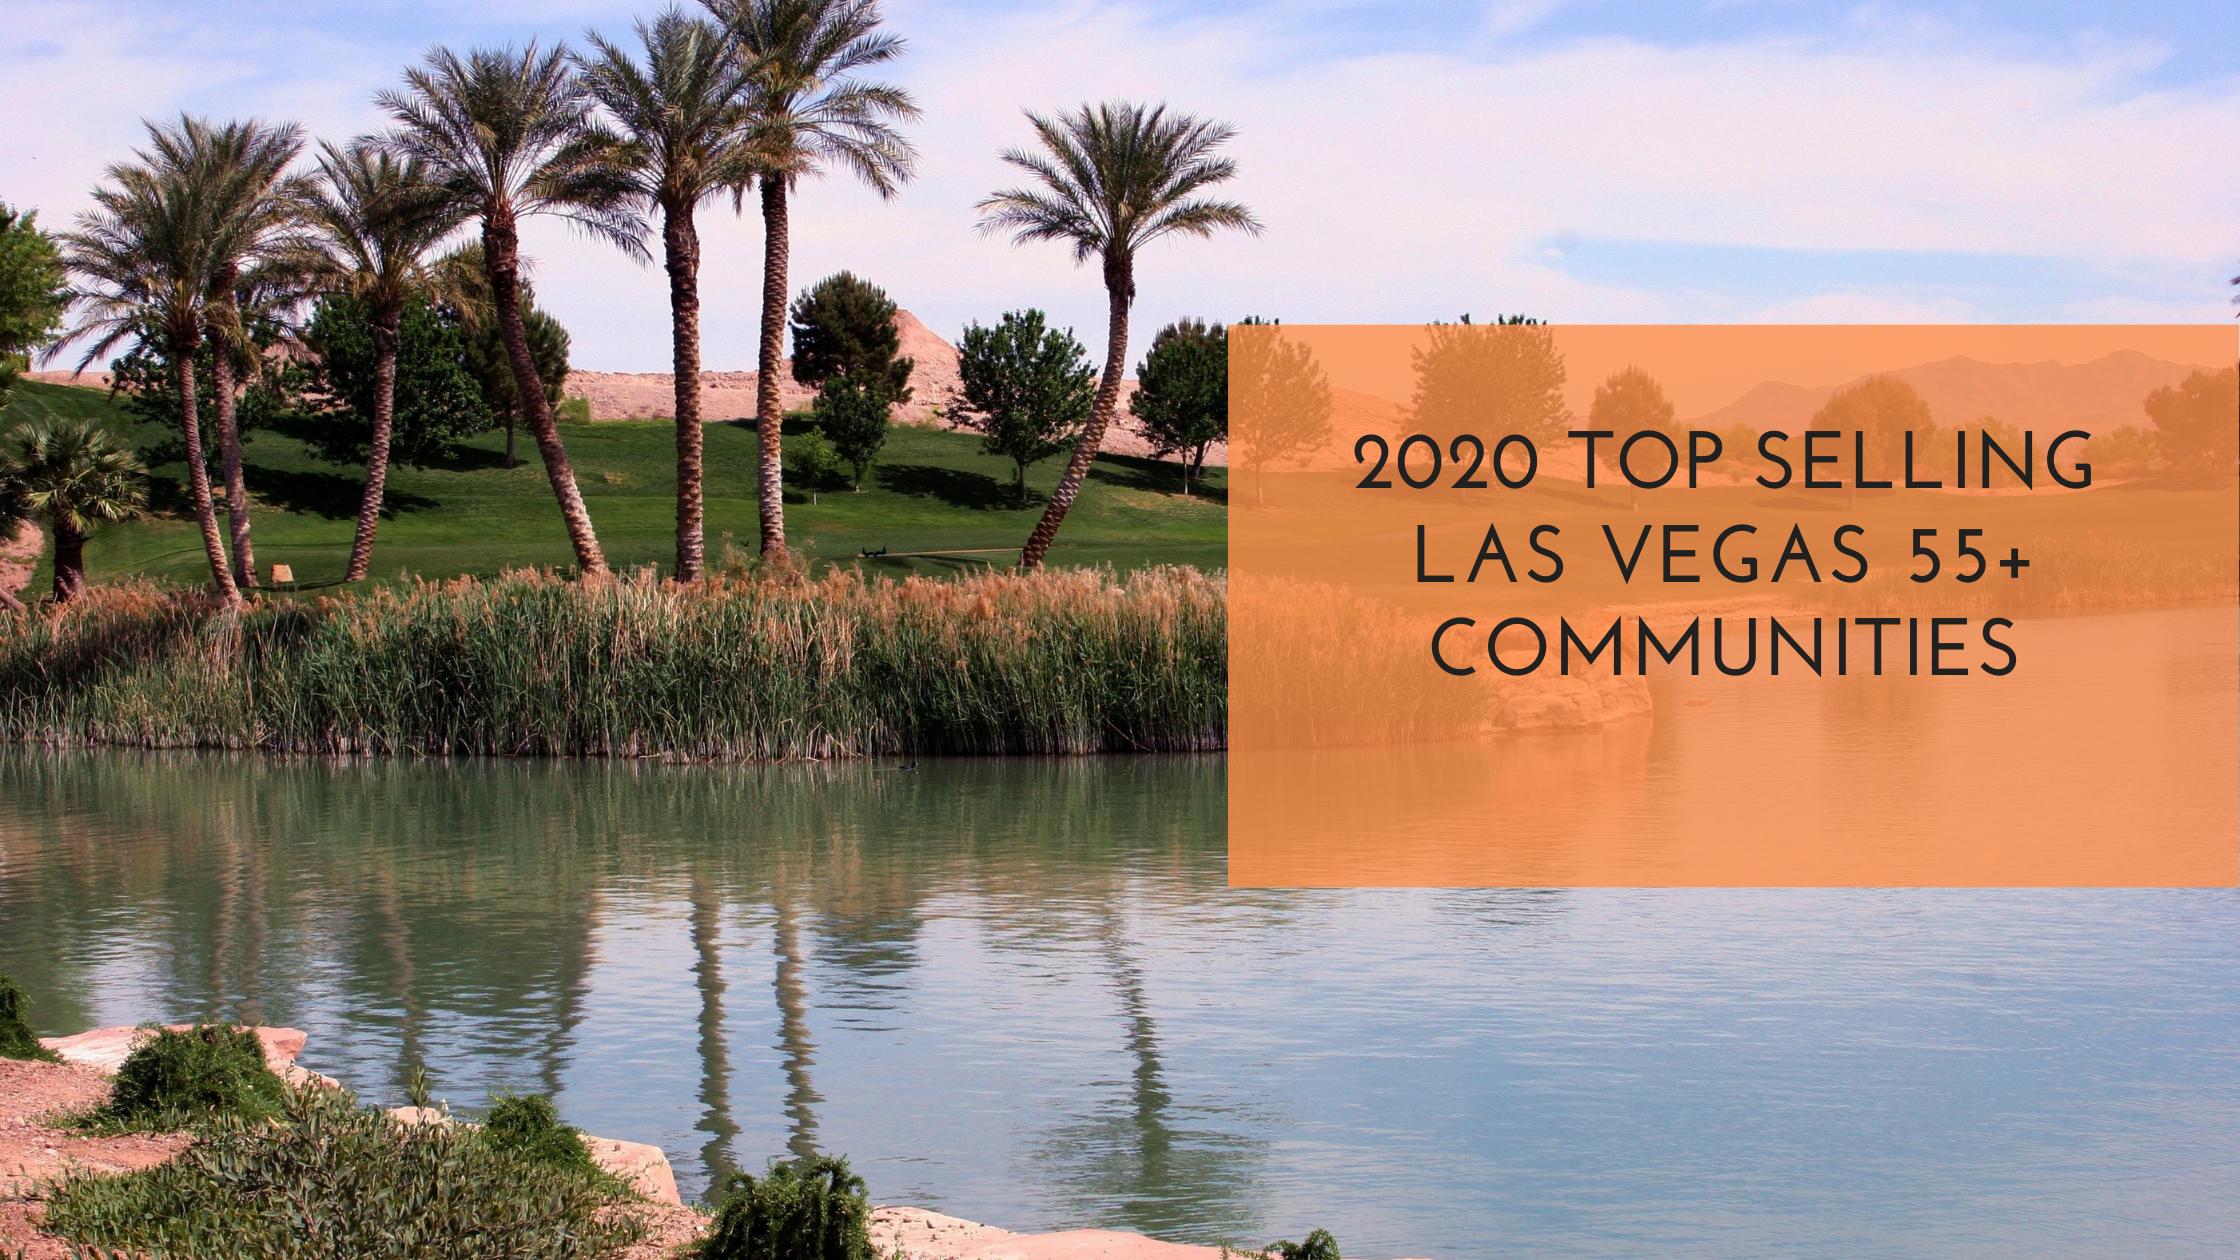 Las Vegas Top Selling 55+ Communities in 2020